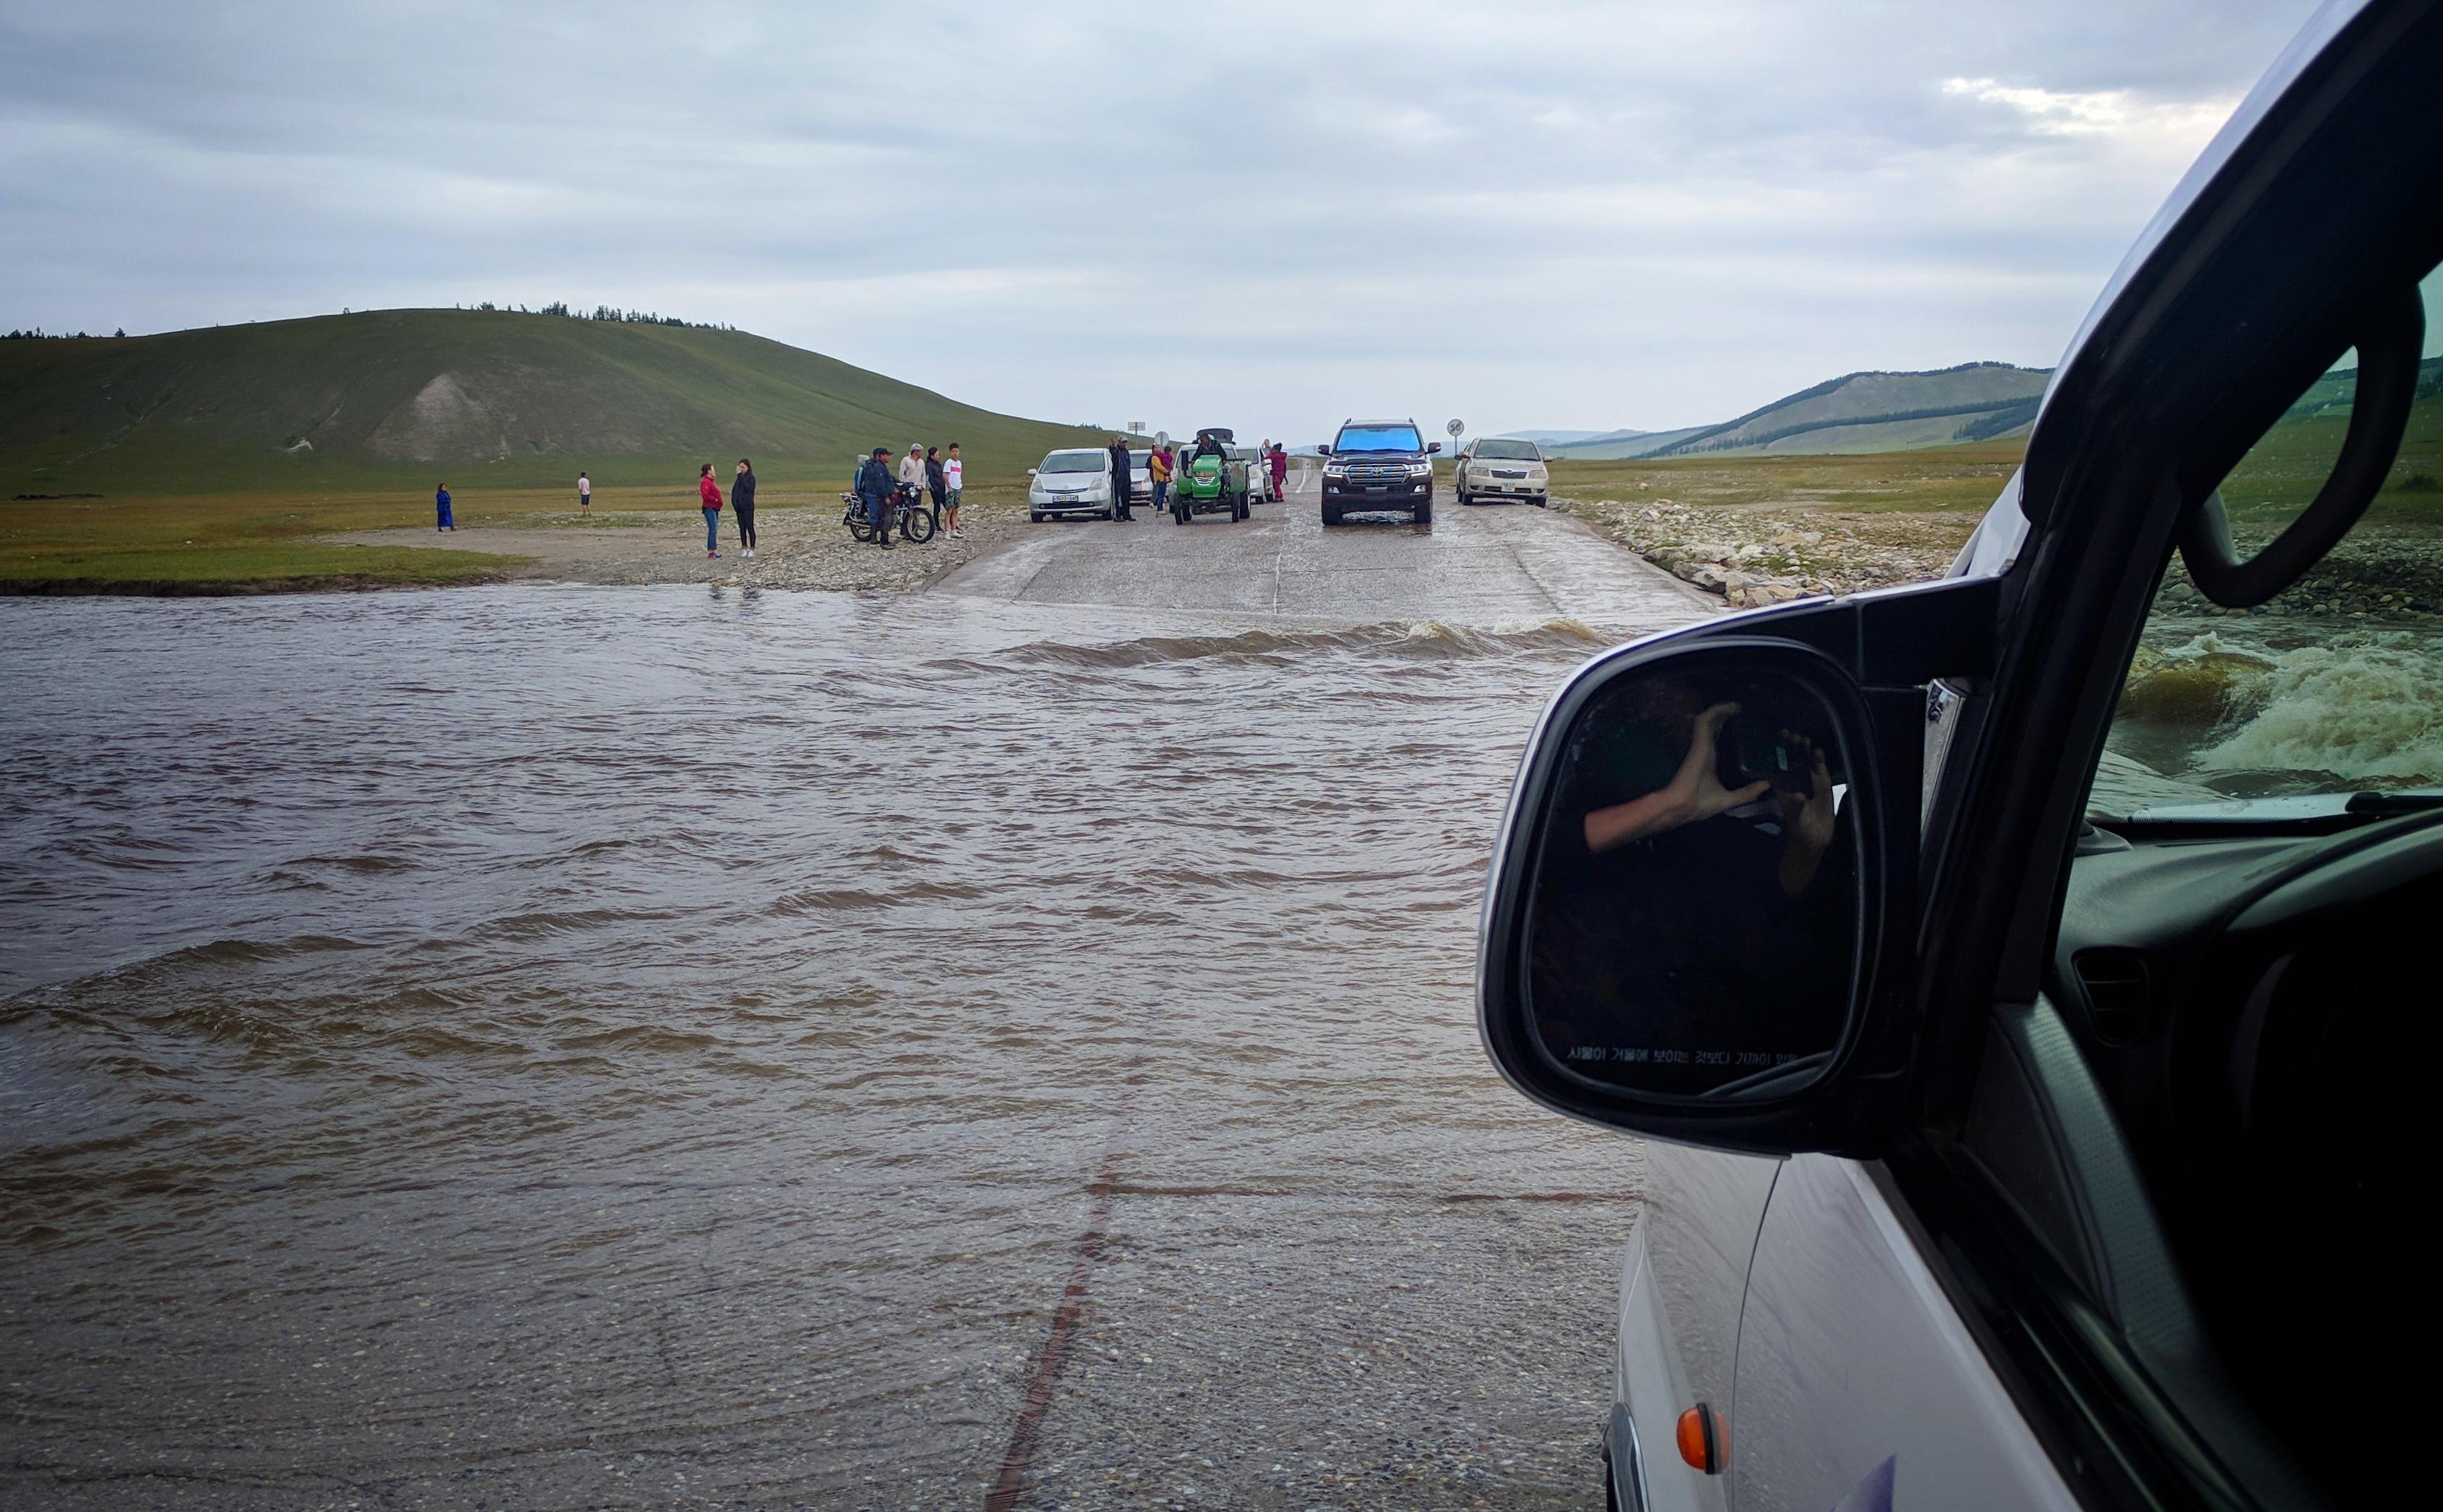 De weg is overstroomd